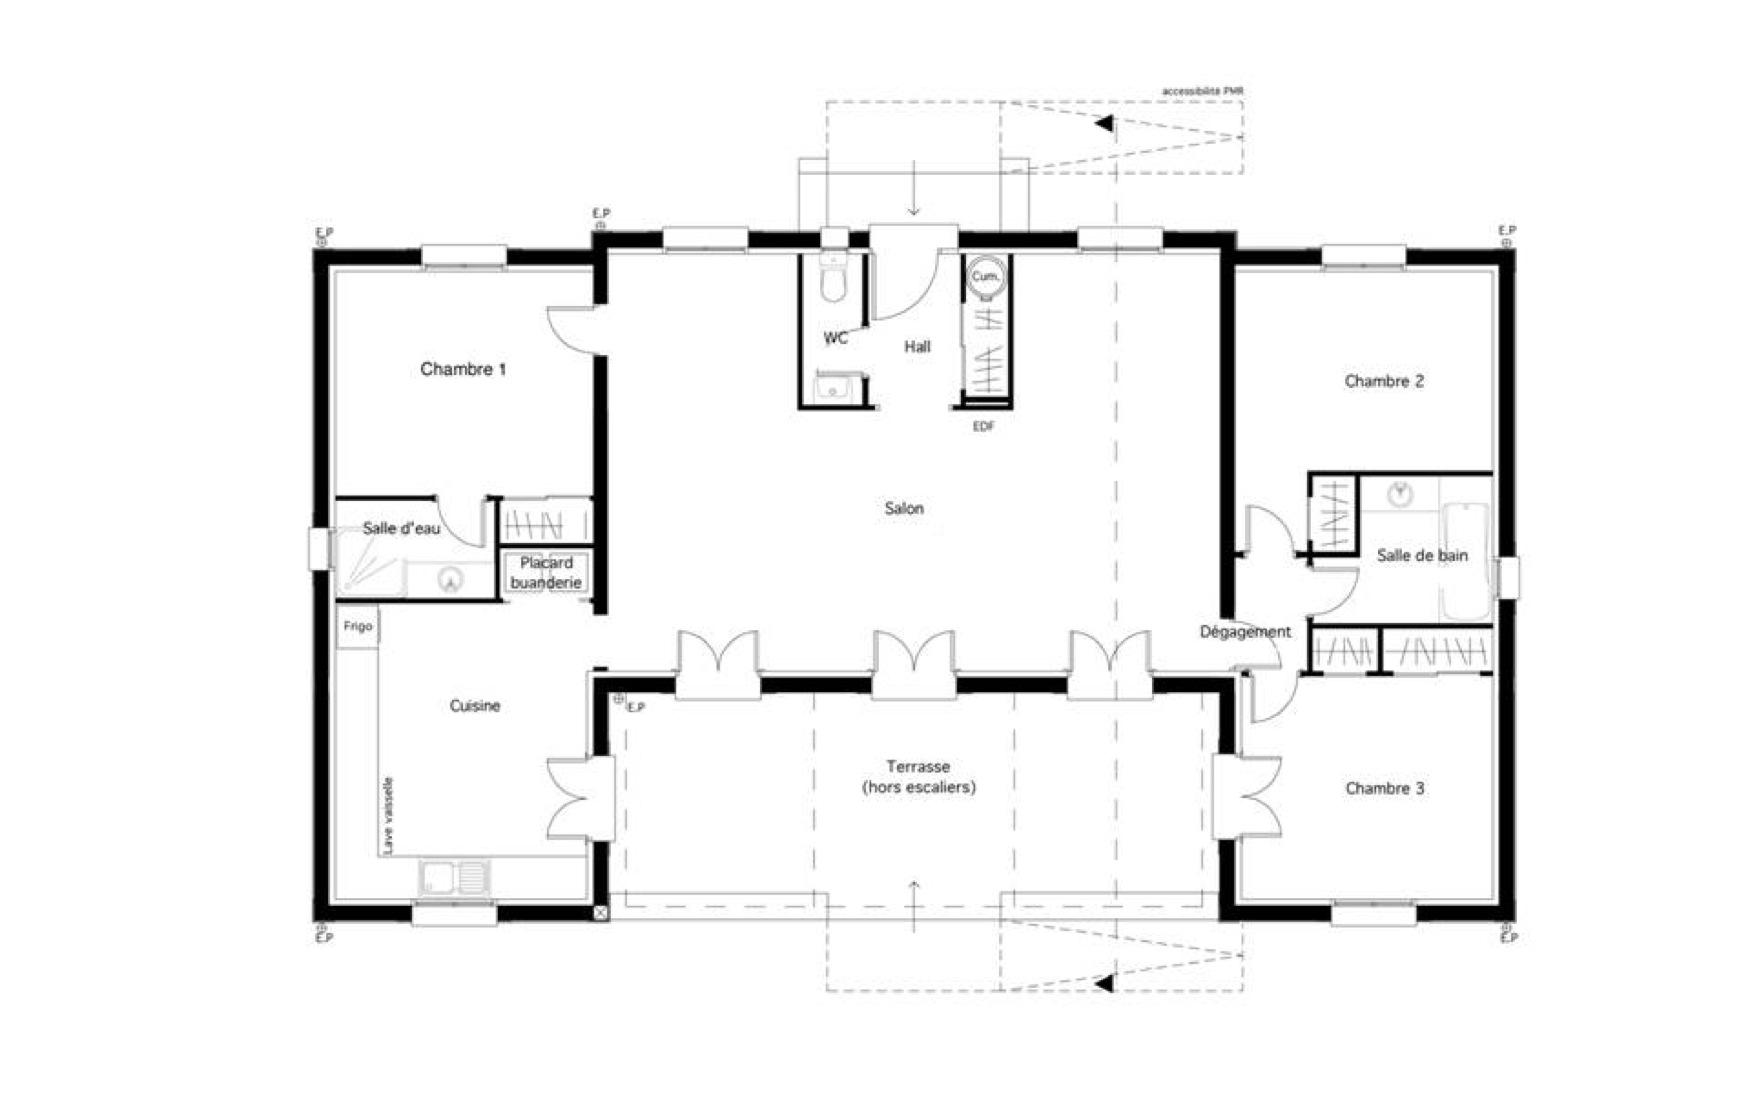 Plan de maison plain pied 3 chambres provencale - Idées de travaux